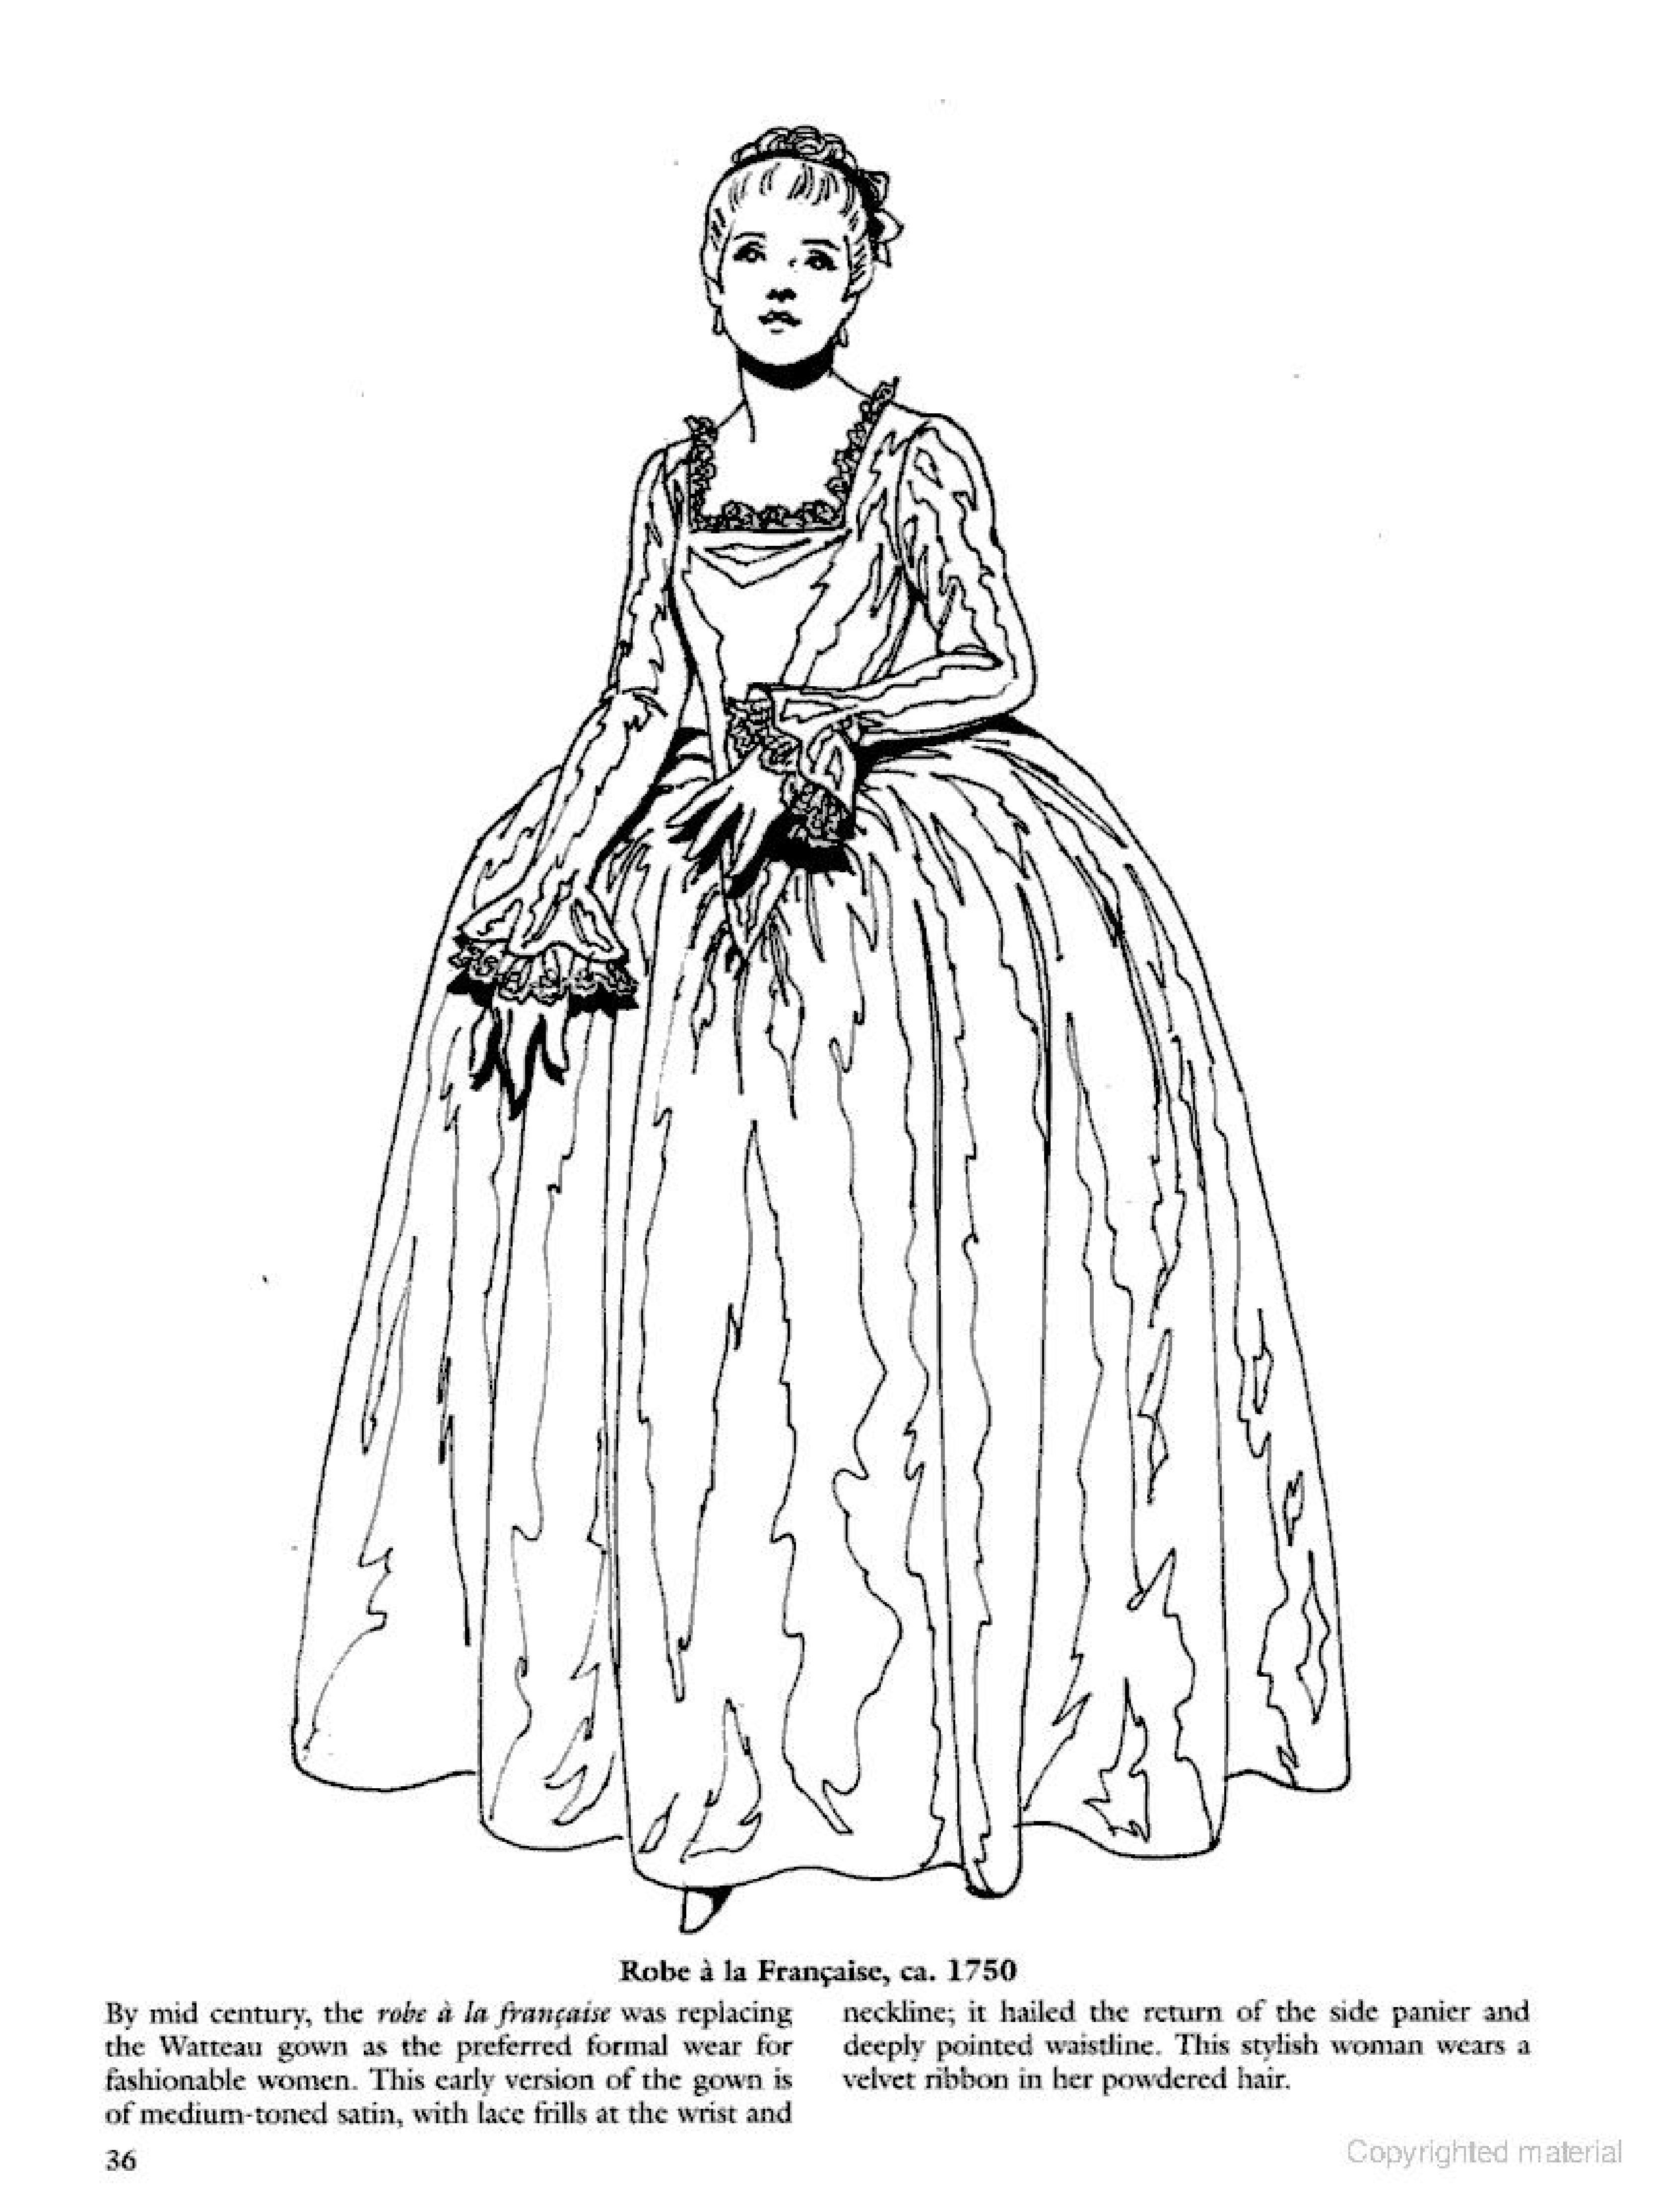 Robe  la Fran§aise ca 1750 French Baroque and Rococo Fashions